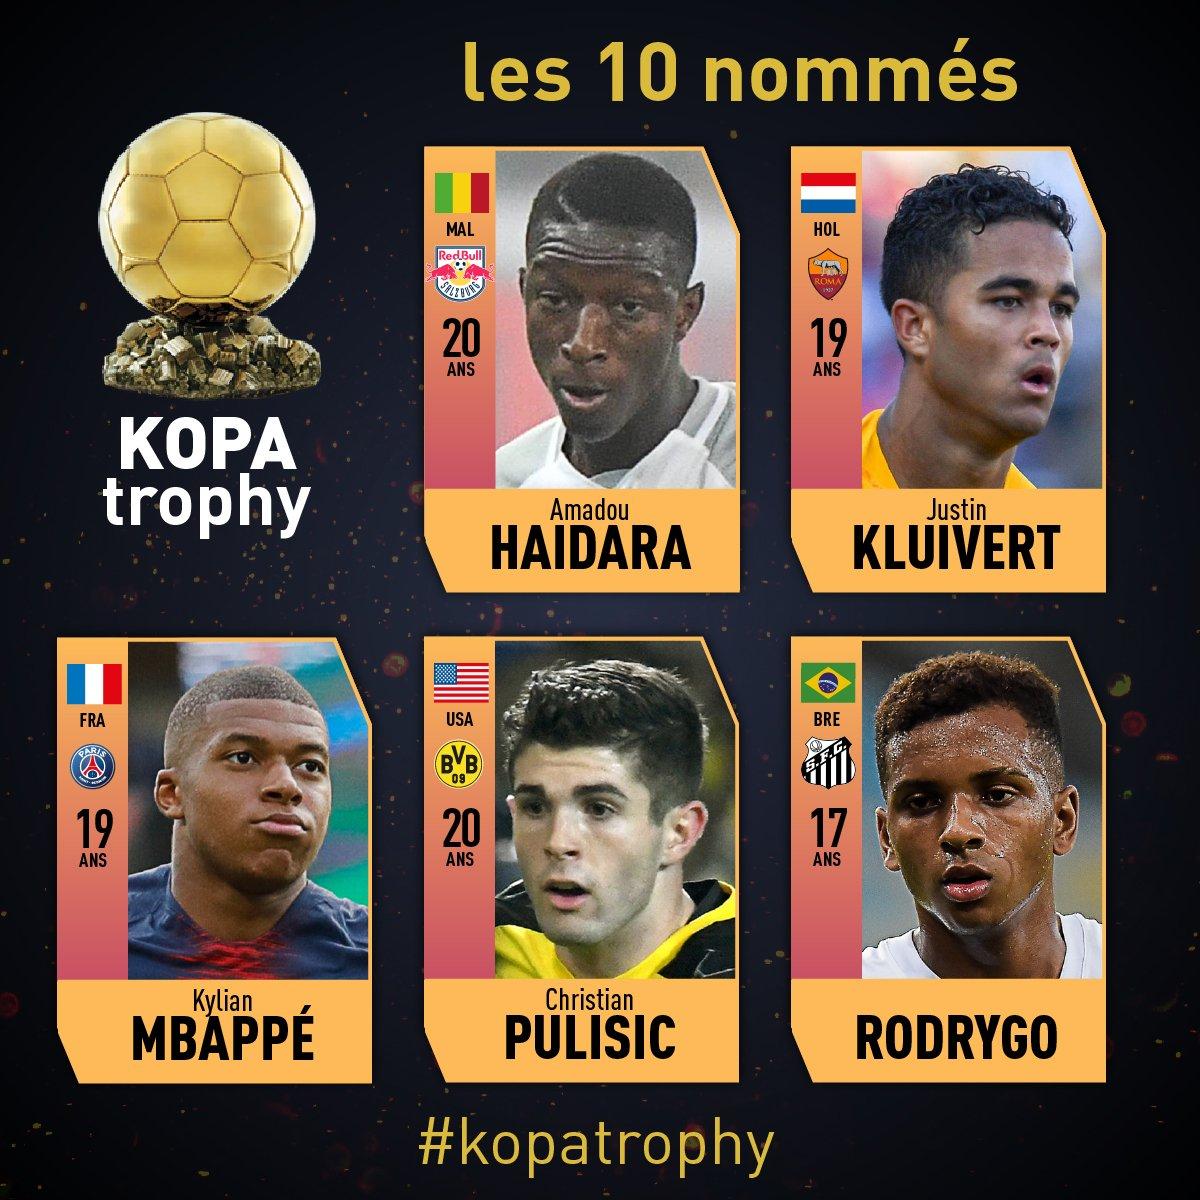 اللاعبين المرشحين لجائزة كوبا (2)